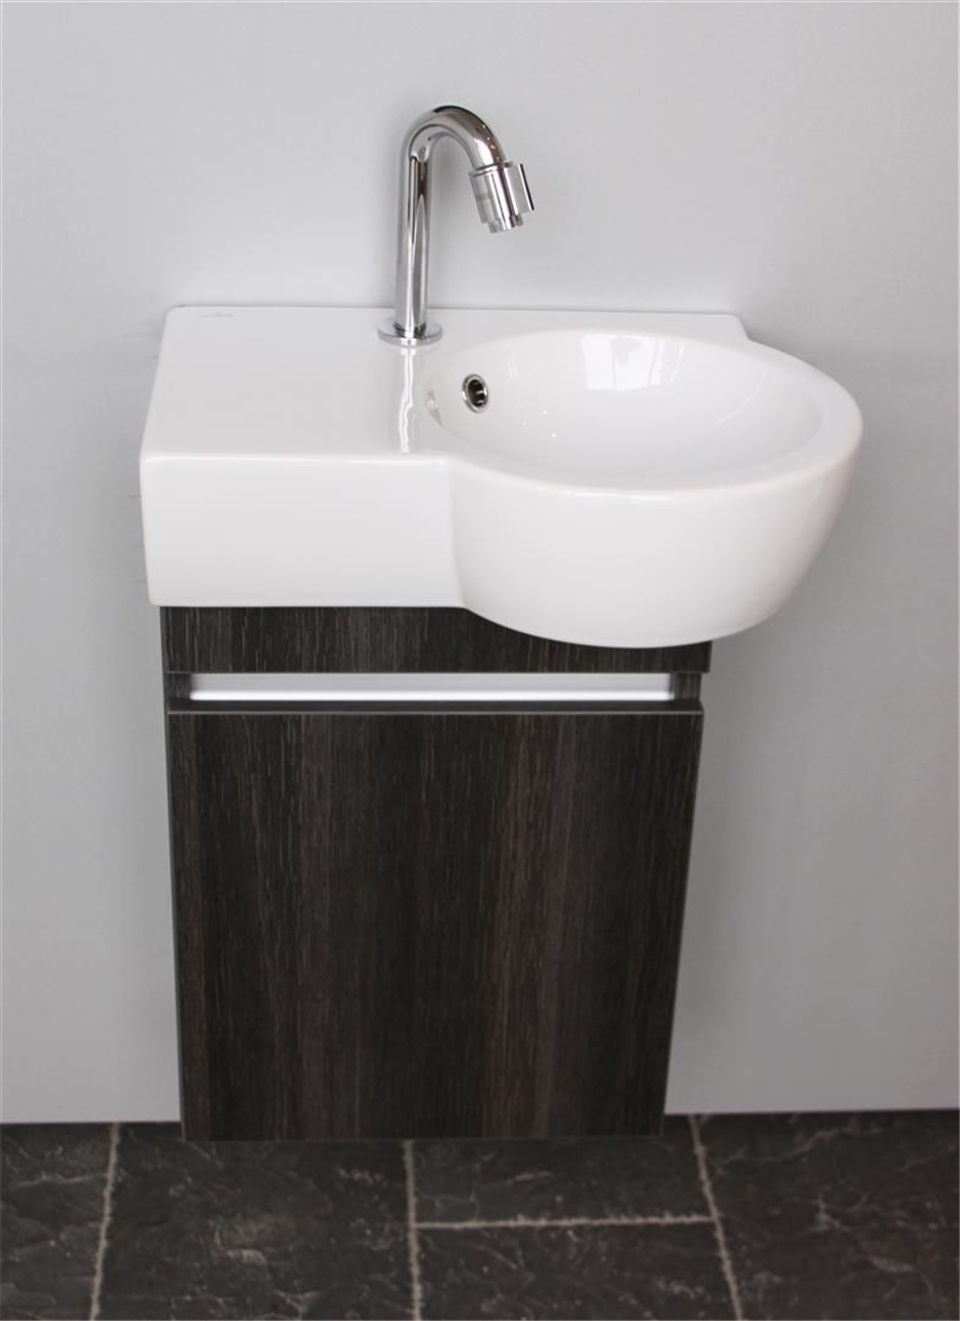 Thebalux toiletmeubel met wastafel Aico  Product in beeld  Startpagina voor # Wasbak Lavanto_202148